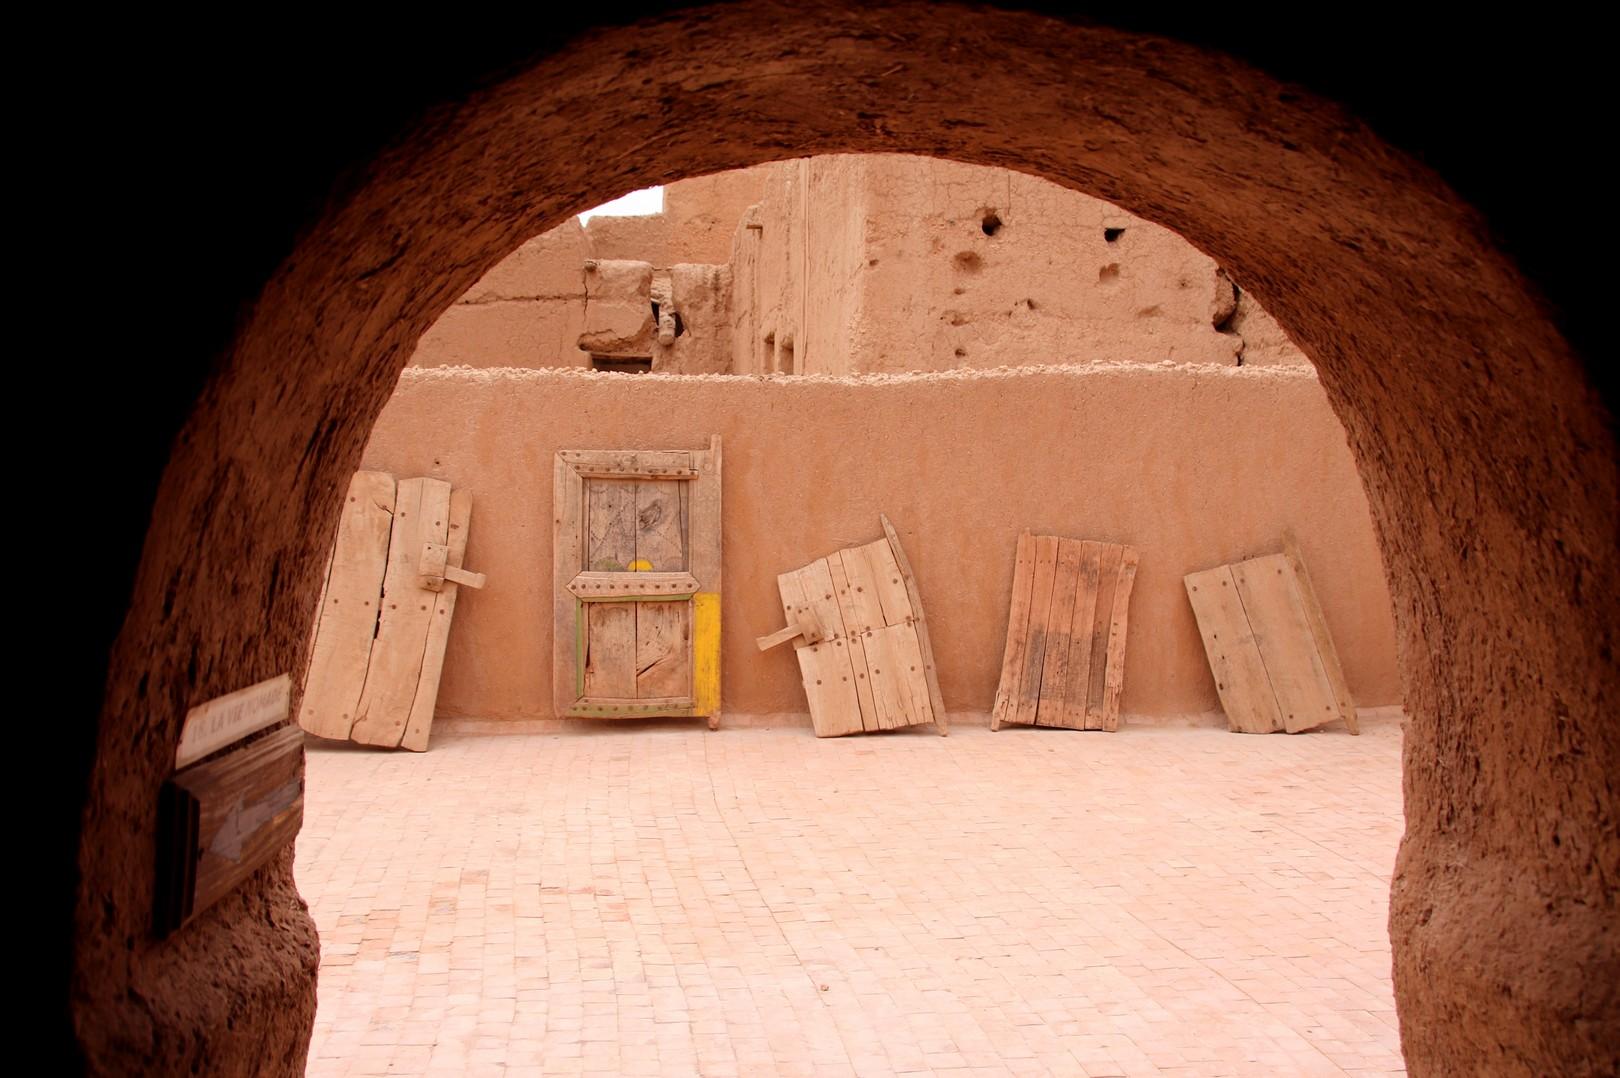 Maroc - Collection de portes au musée berbère dans le ksar de Tinejdad